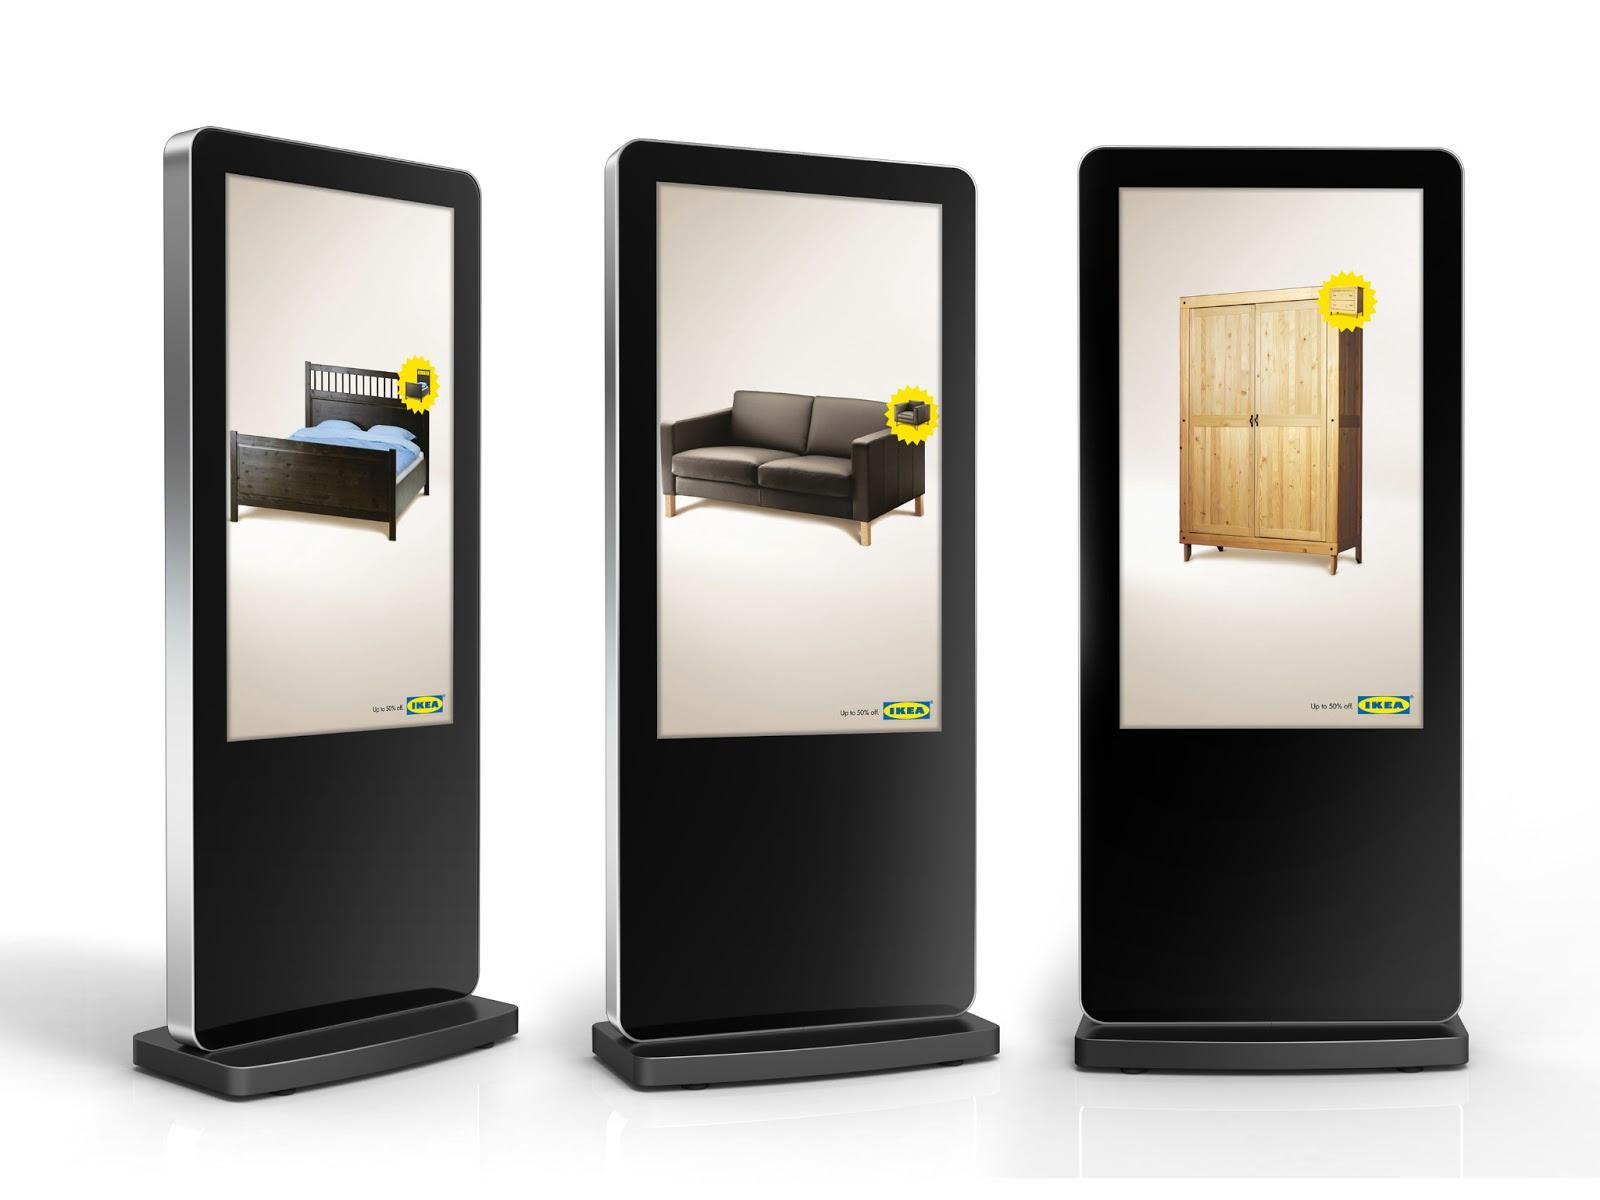 vermietung von videotechnik und lichttechnik randlose. Black Bedroom Furniture Sets. Home Design Ideas